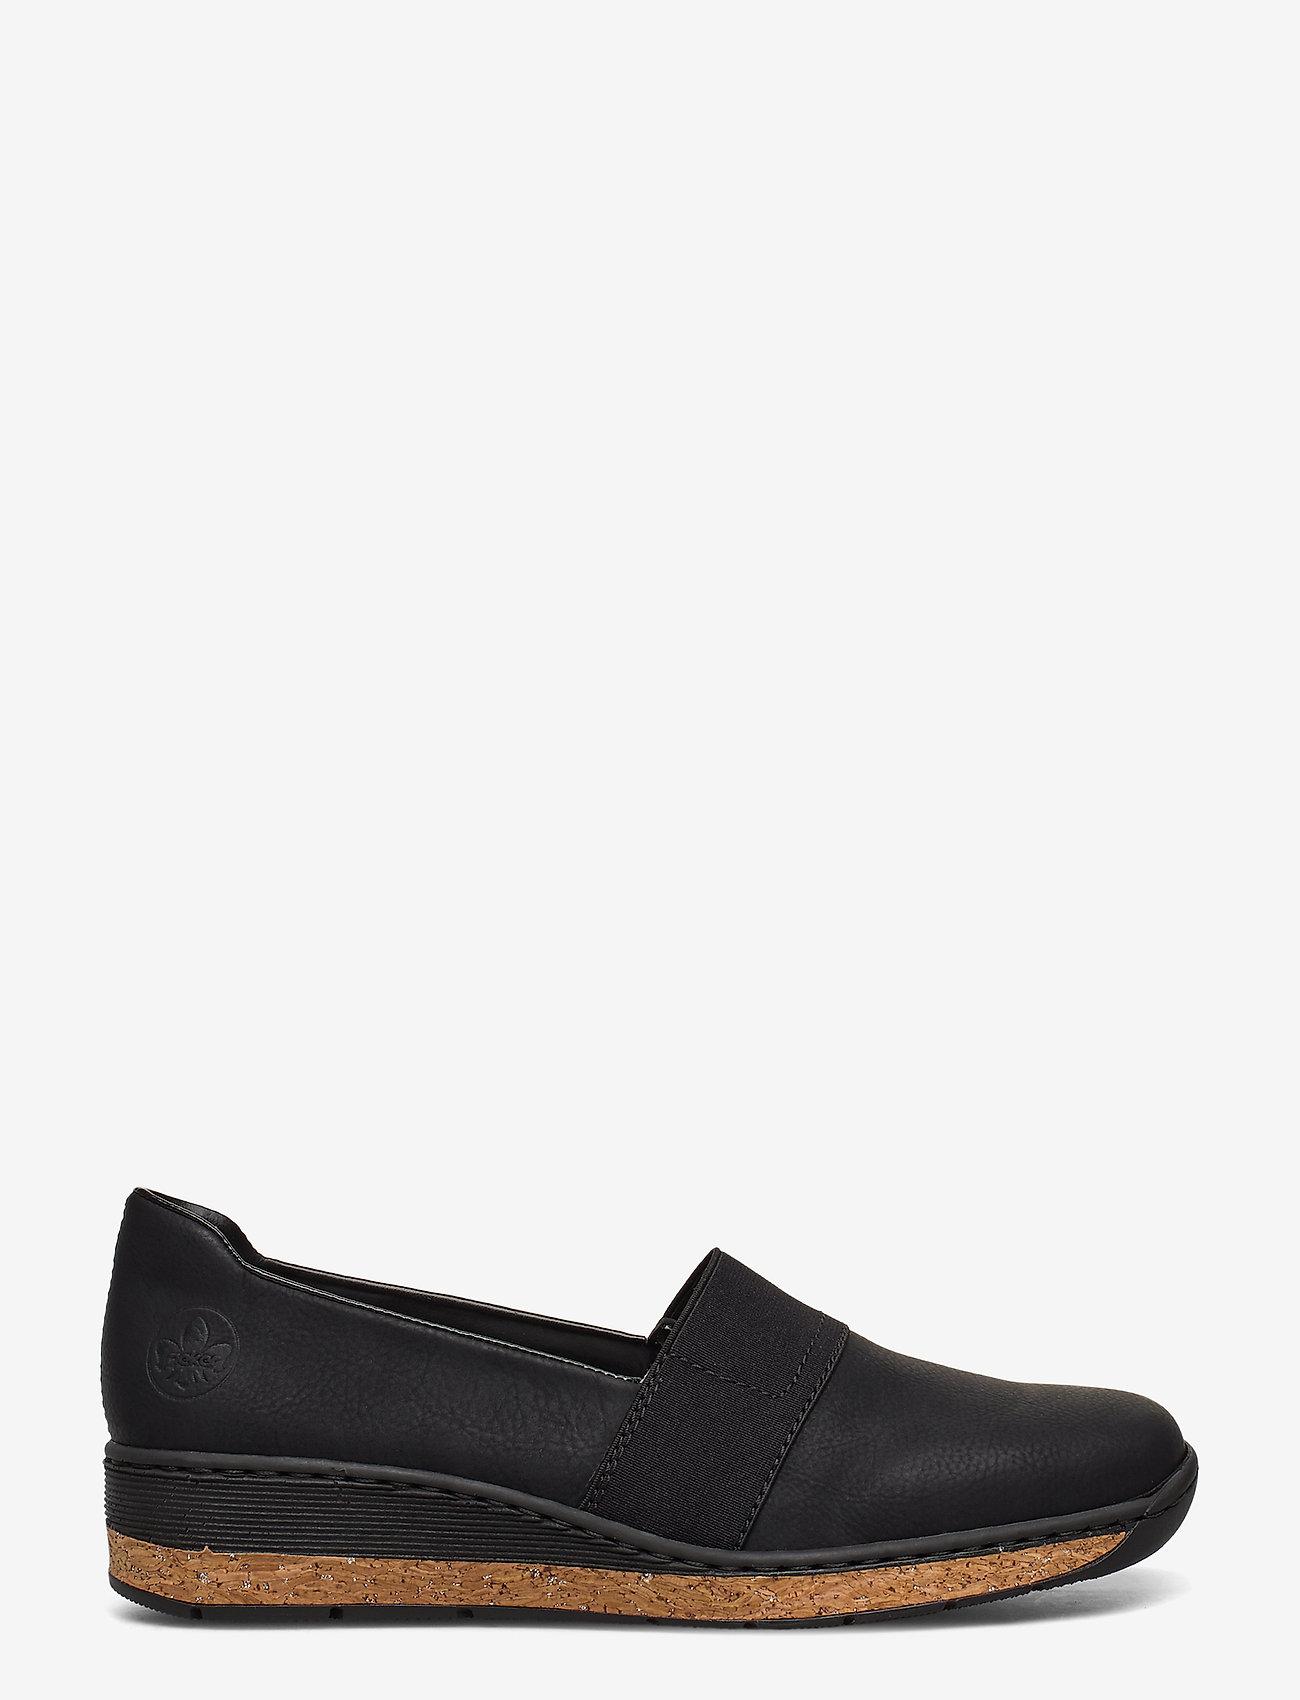 Rieker - 59781-00 - ballerinas - black - 1